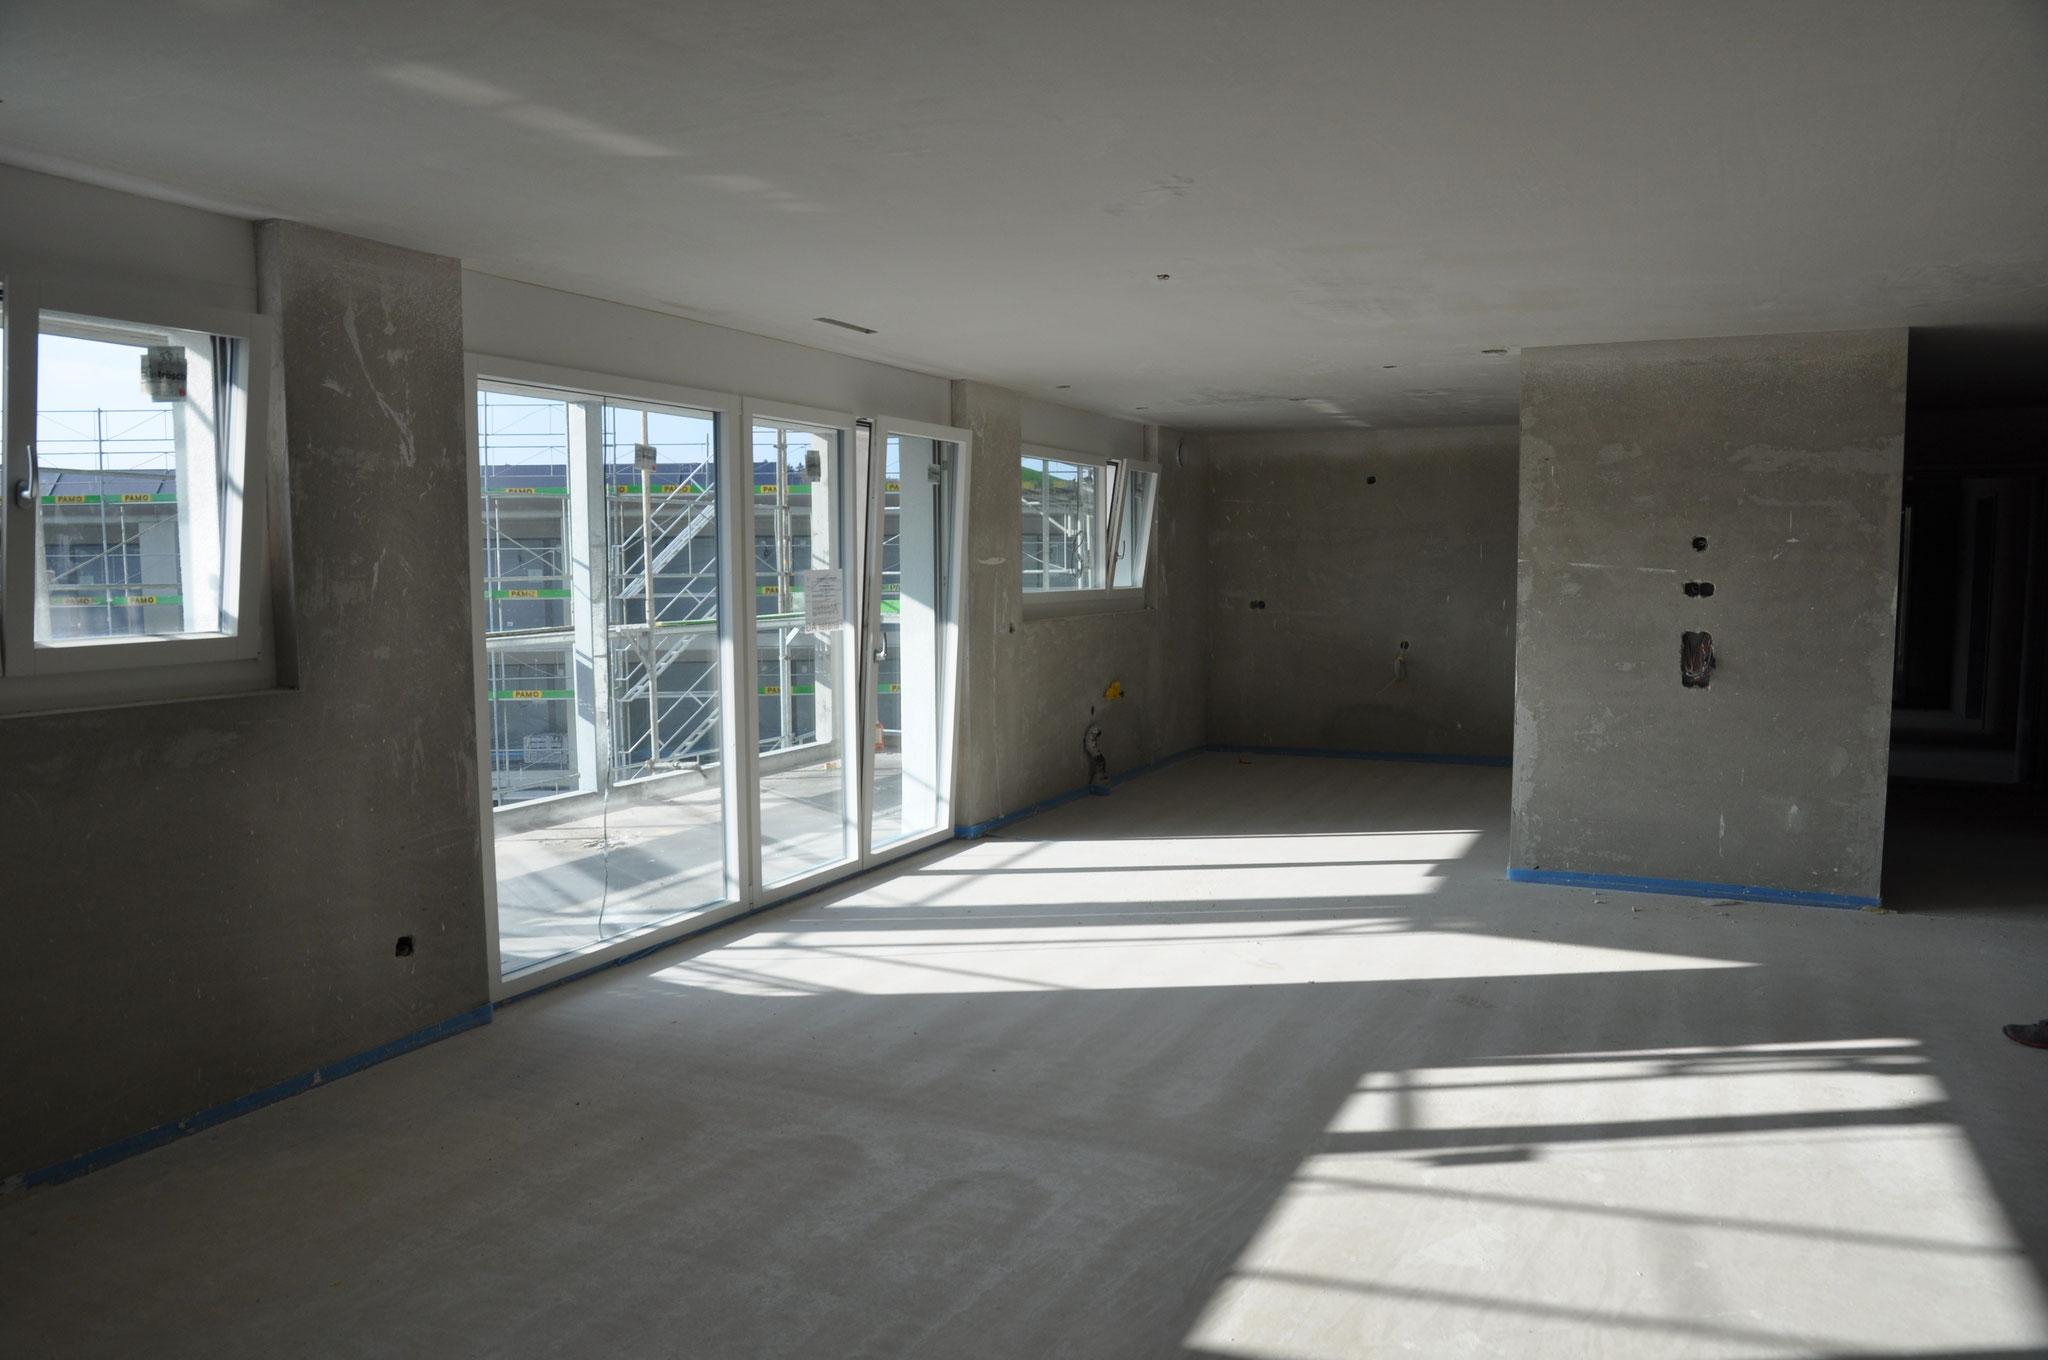 Innenausbau Essen/Wohnen 3,5 Zimmer Wohnung Einheit B (März 2016)